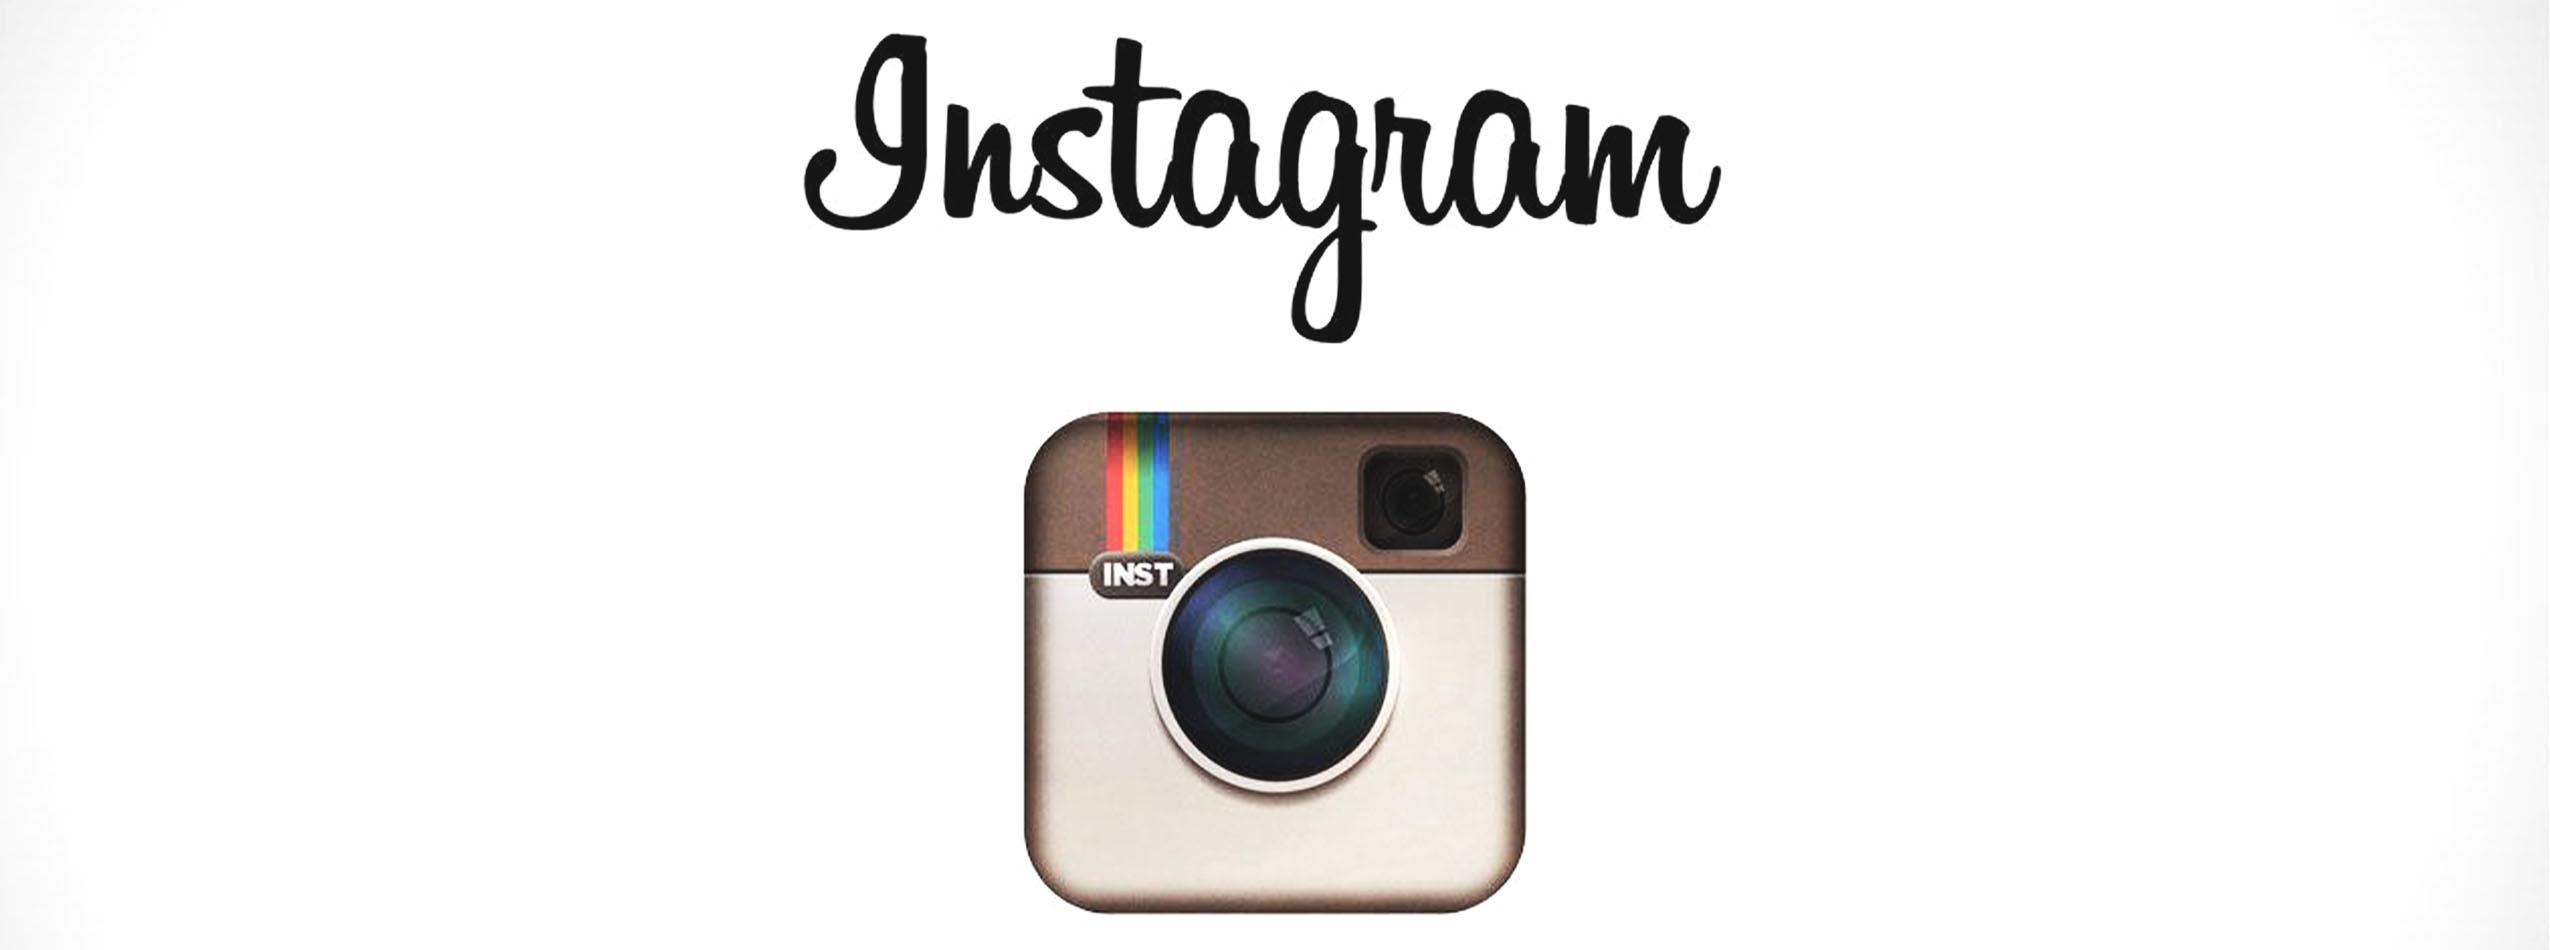 29 قانون شبکه های اجتماعی برای اینستاگرام به شما کمک میکند تا از این شبکه بهتر استفاده کنید.